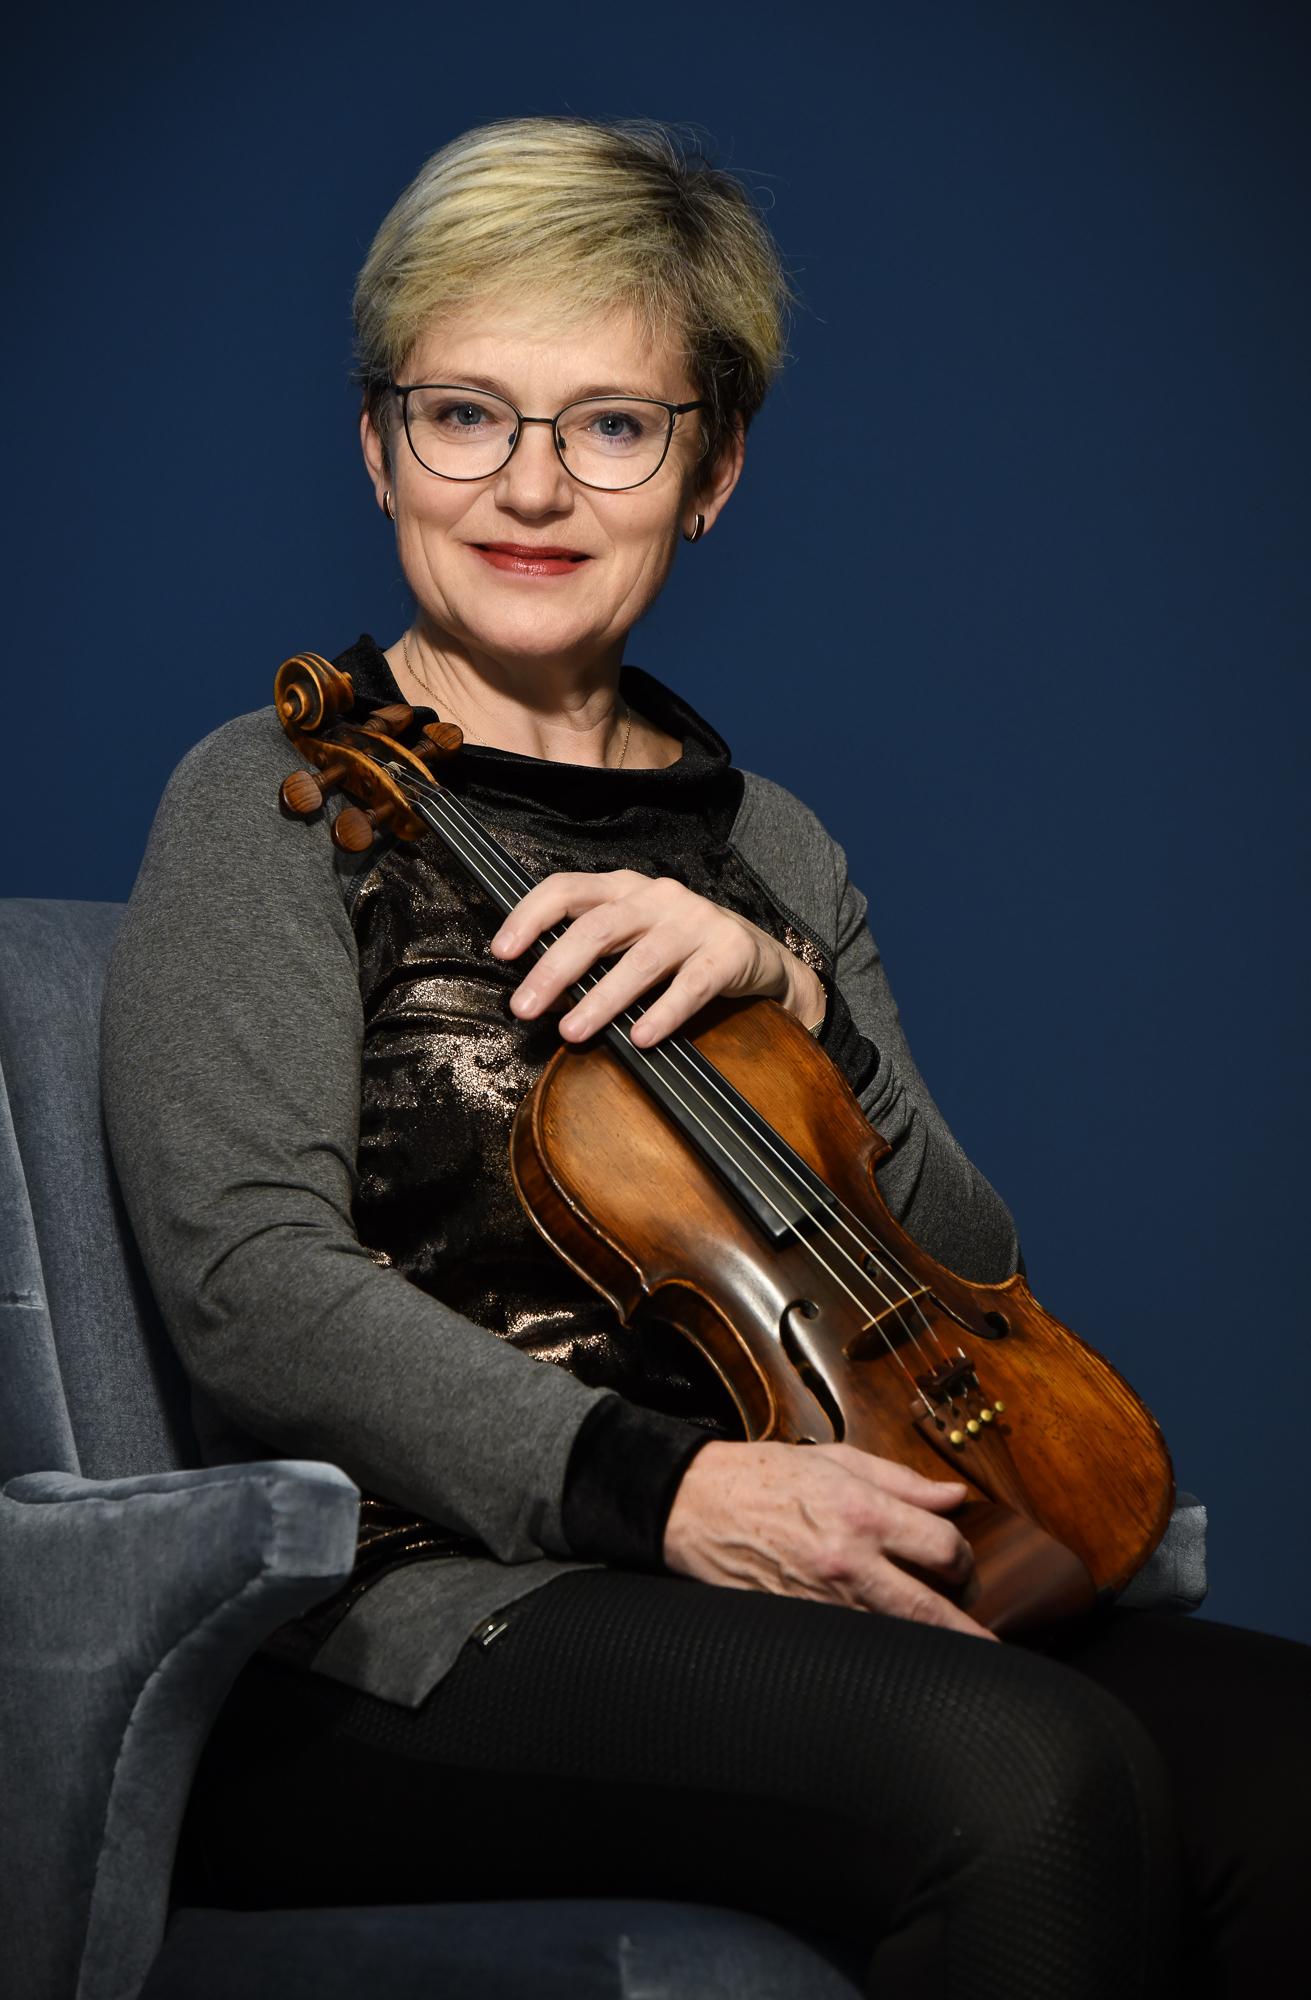 Lenka Zichová